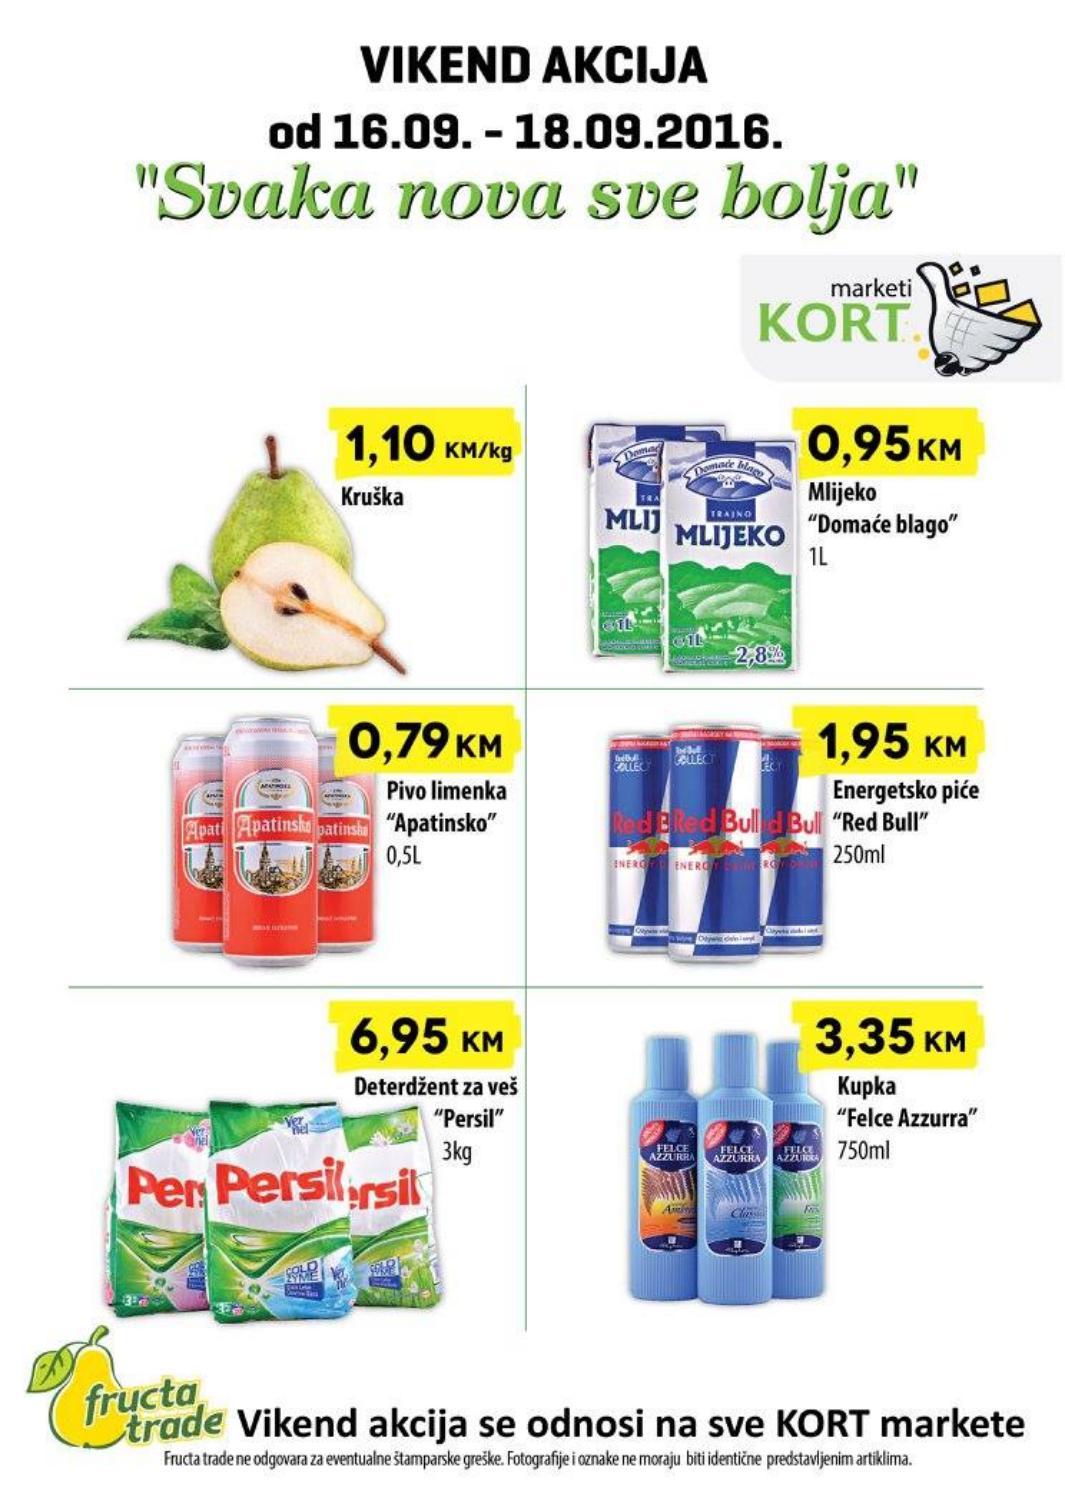 Svaka nova sve bolja, uvjerite se u najniže cijene. Nova vikend akcija u Kort supermarketima od 16.- 18.09.2016.